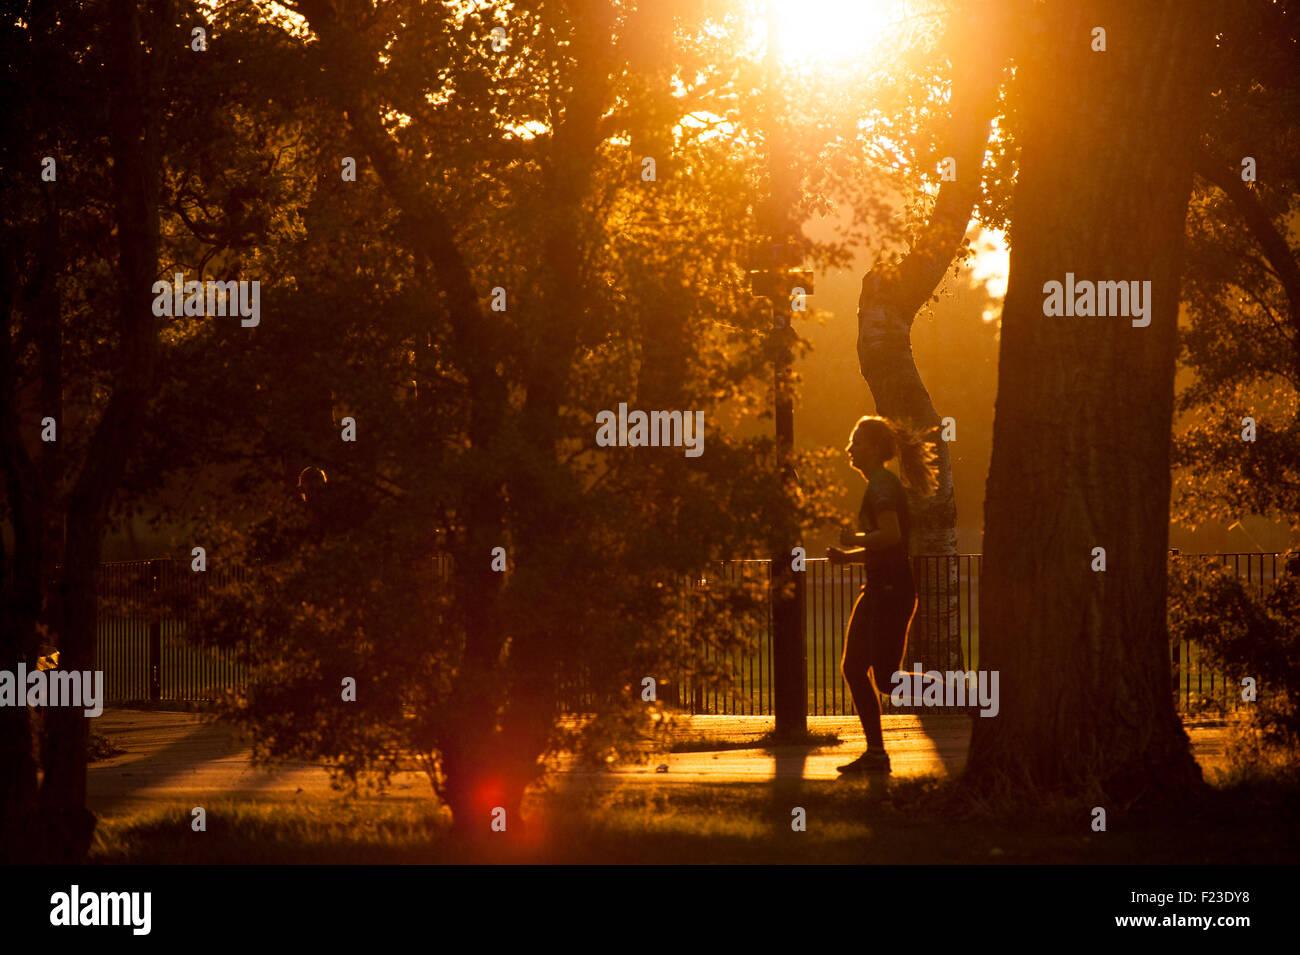 Muy temprano en la mañana en un parque de Londres Imagen De Stock